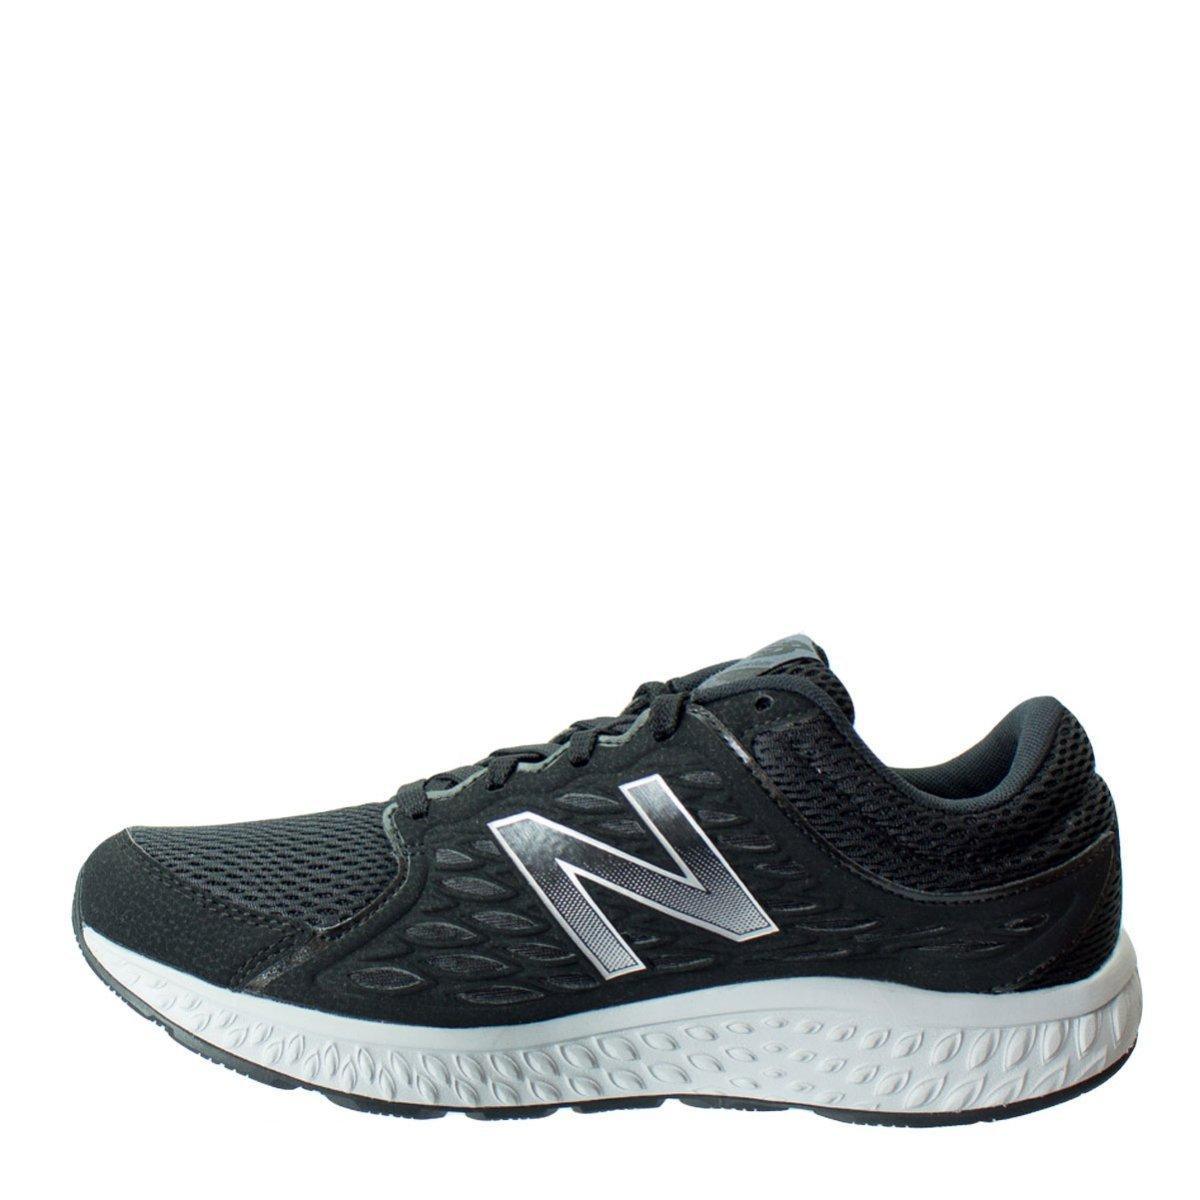 Running Balance Balance Tênis Preto Running New 420 420 New Tênis Ynq40